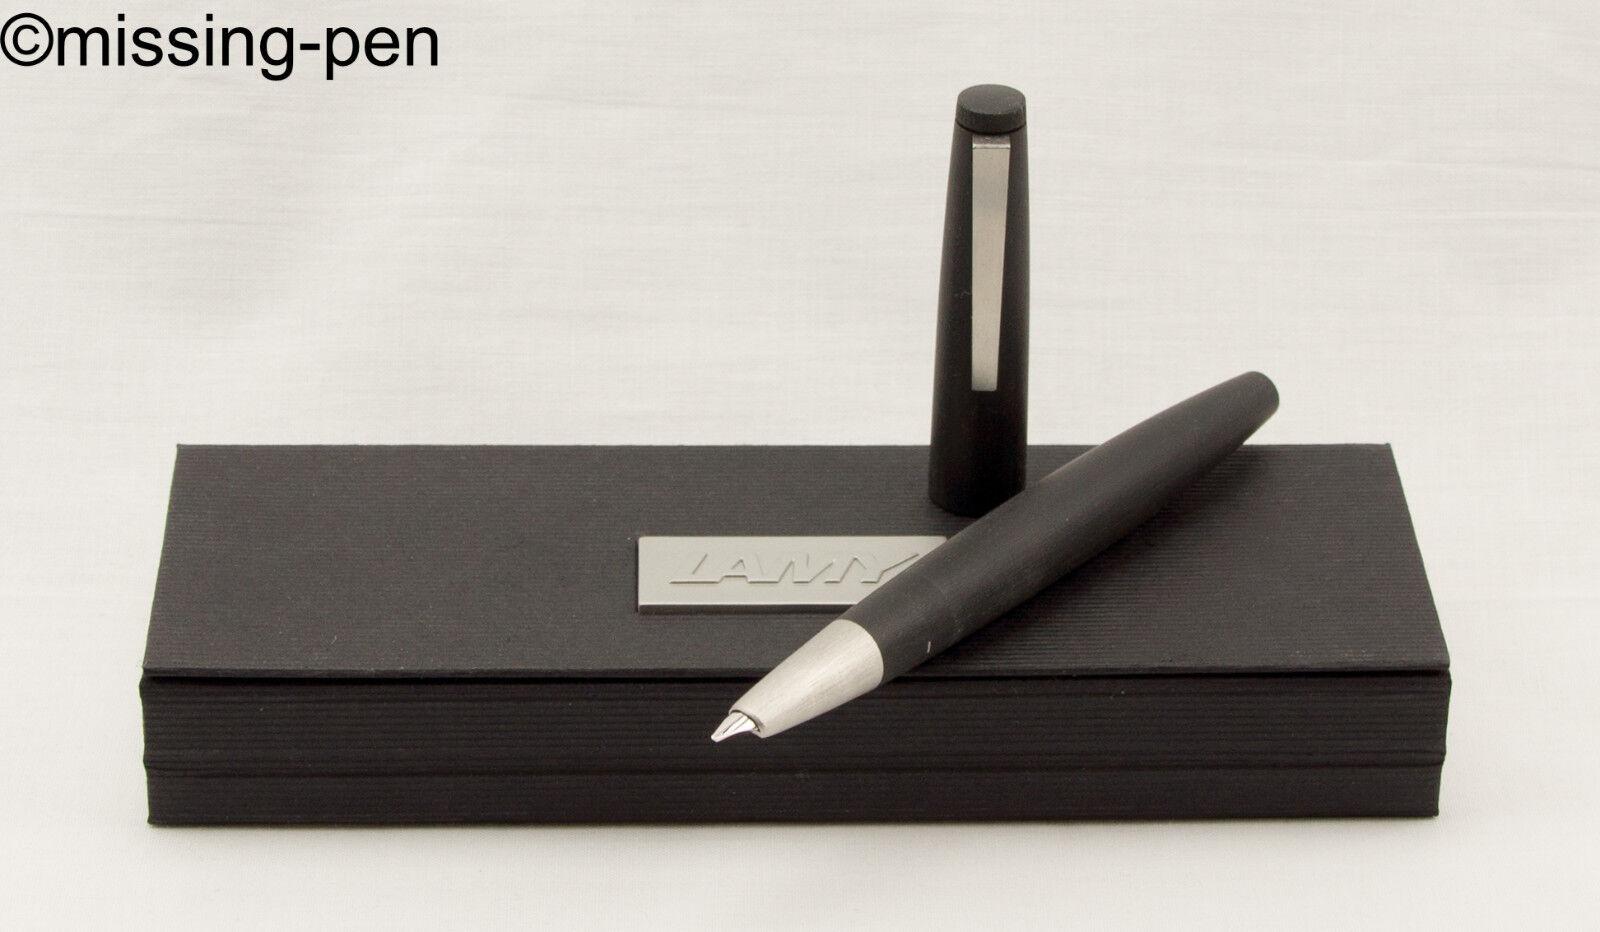 LAMY 2000 Piston Fountain Pen - in Black model 01